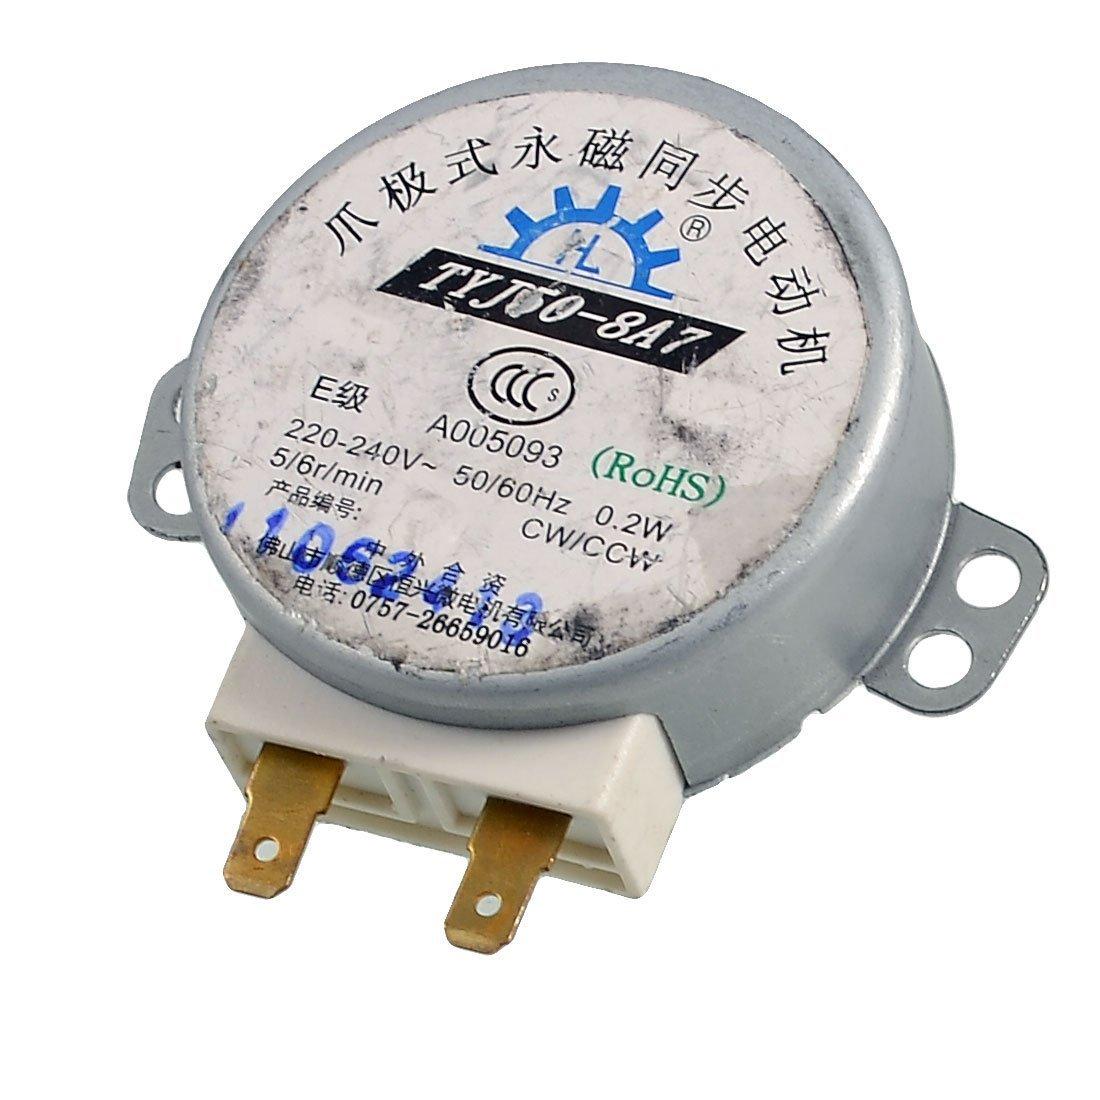 DealMux microondas motor síncrono 5/6R/min CW/la Convención sobre ...